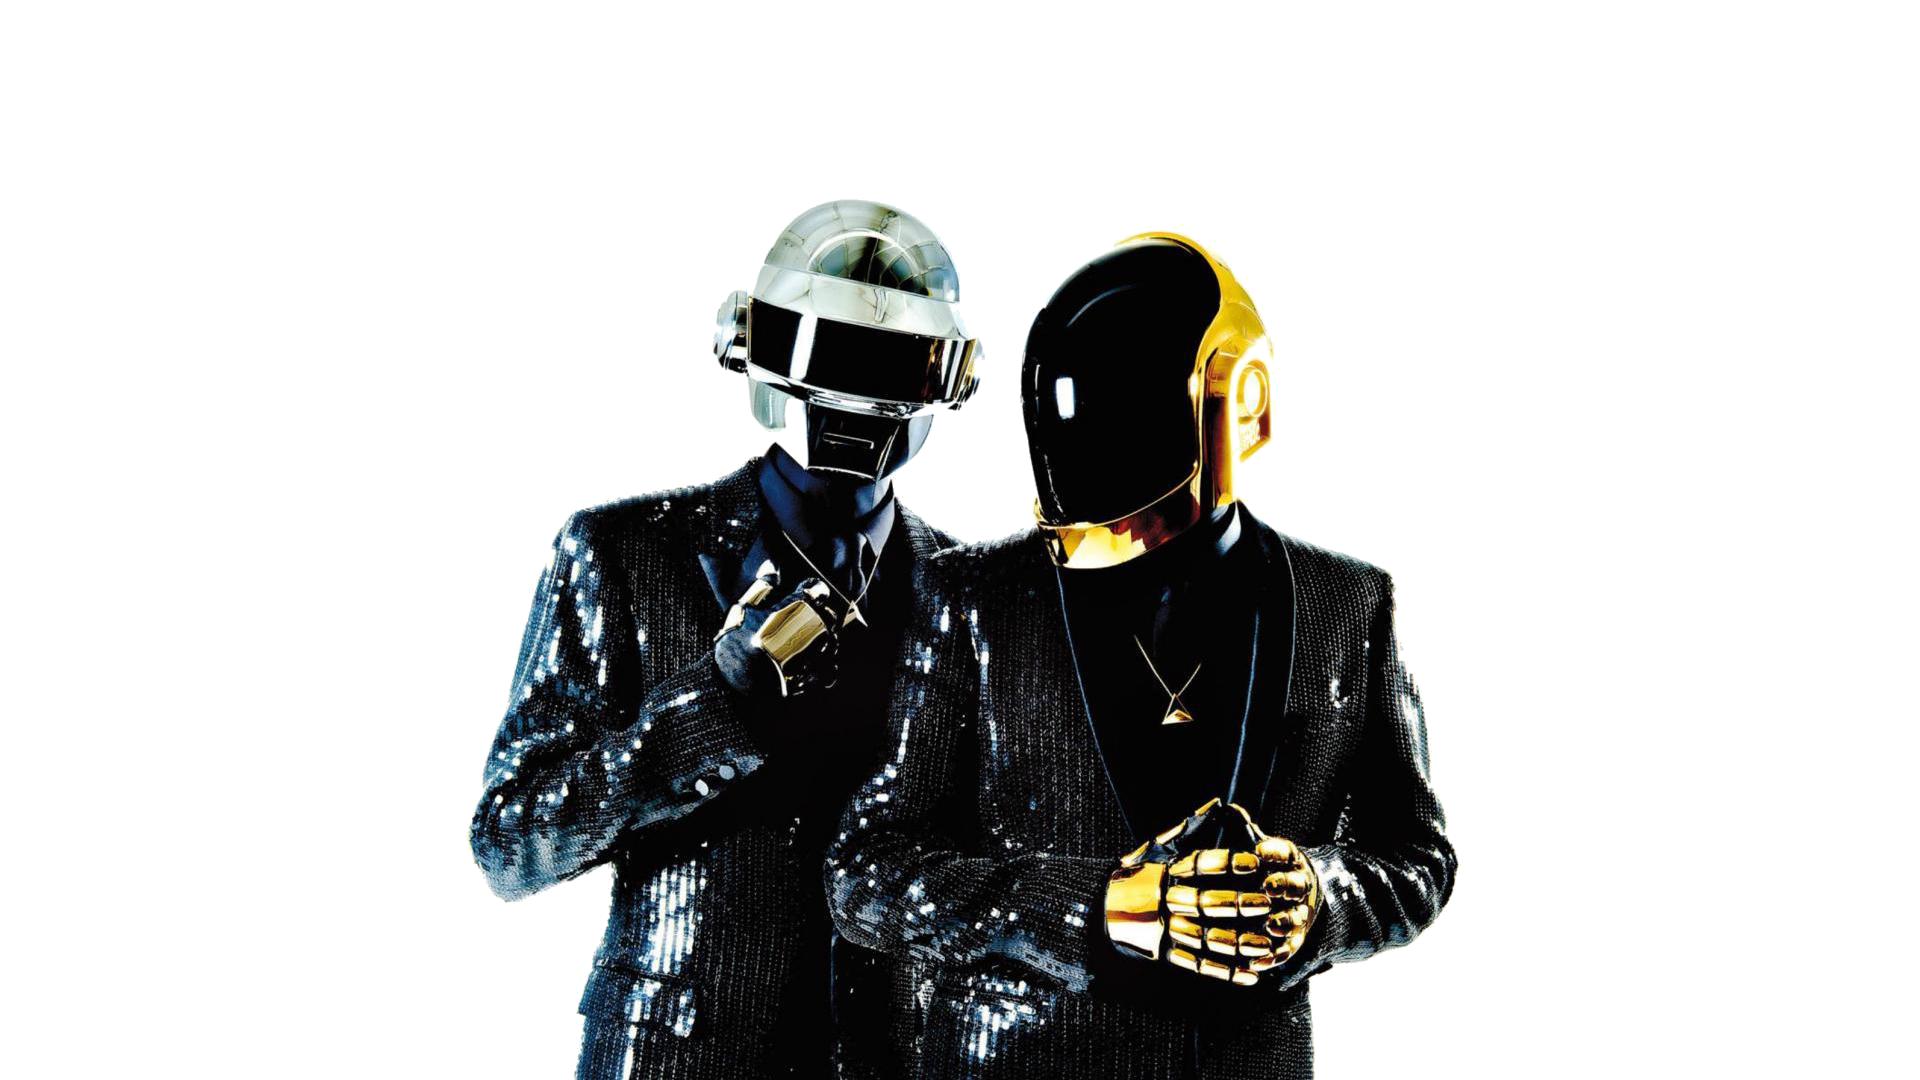 Daft Punk PNG Image File